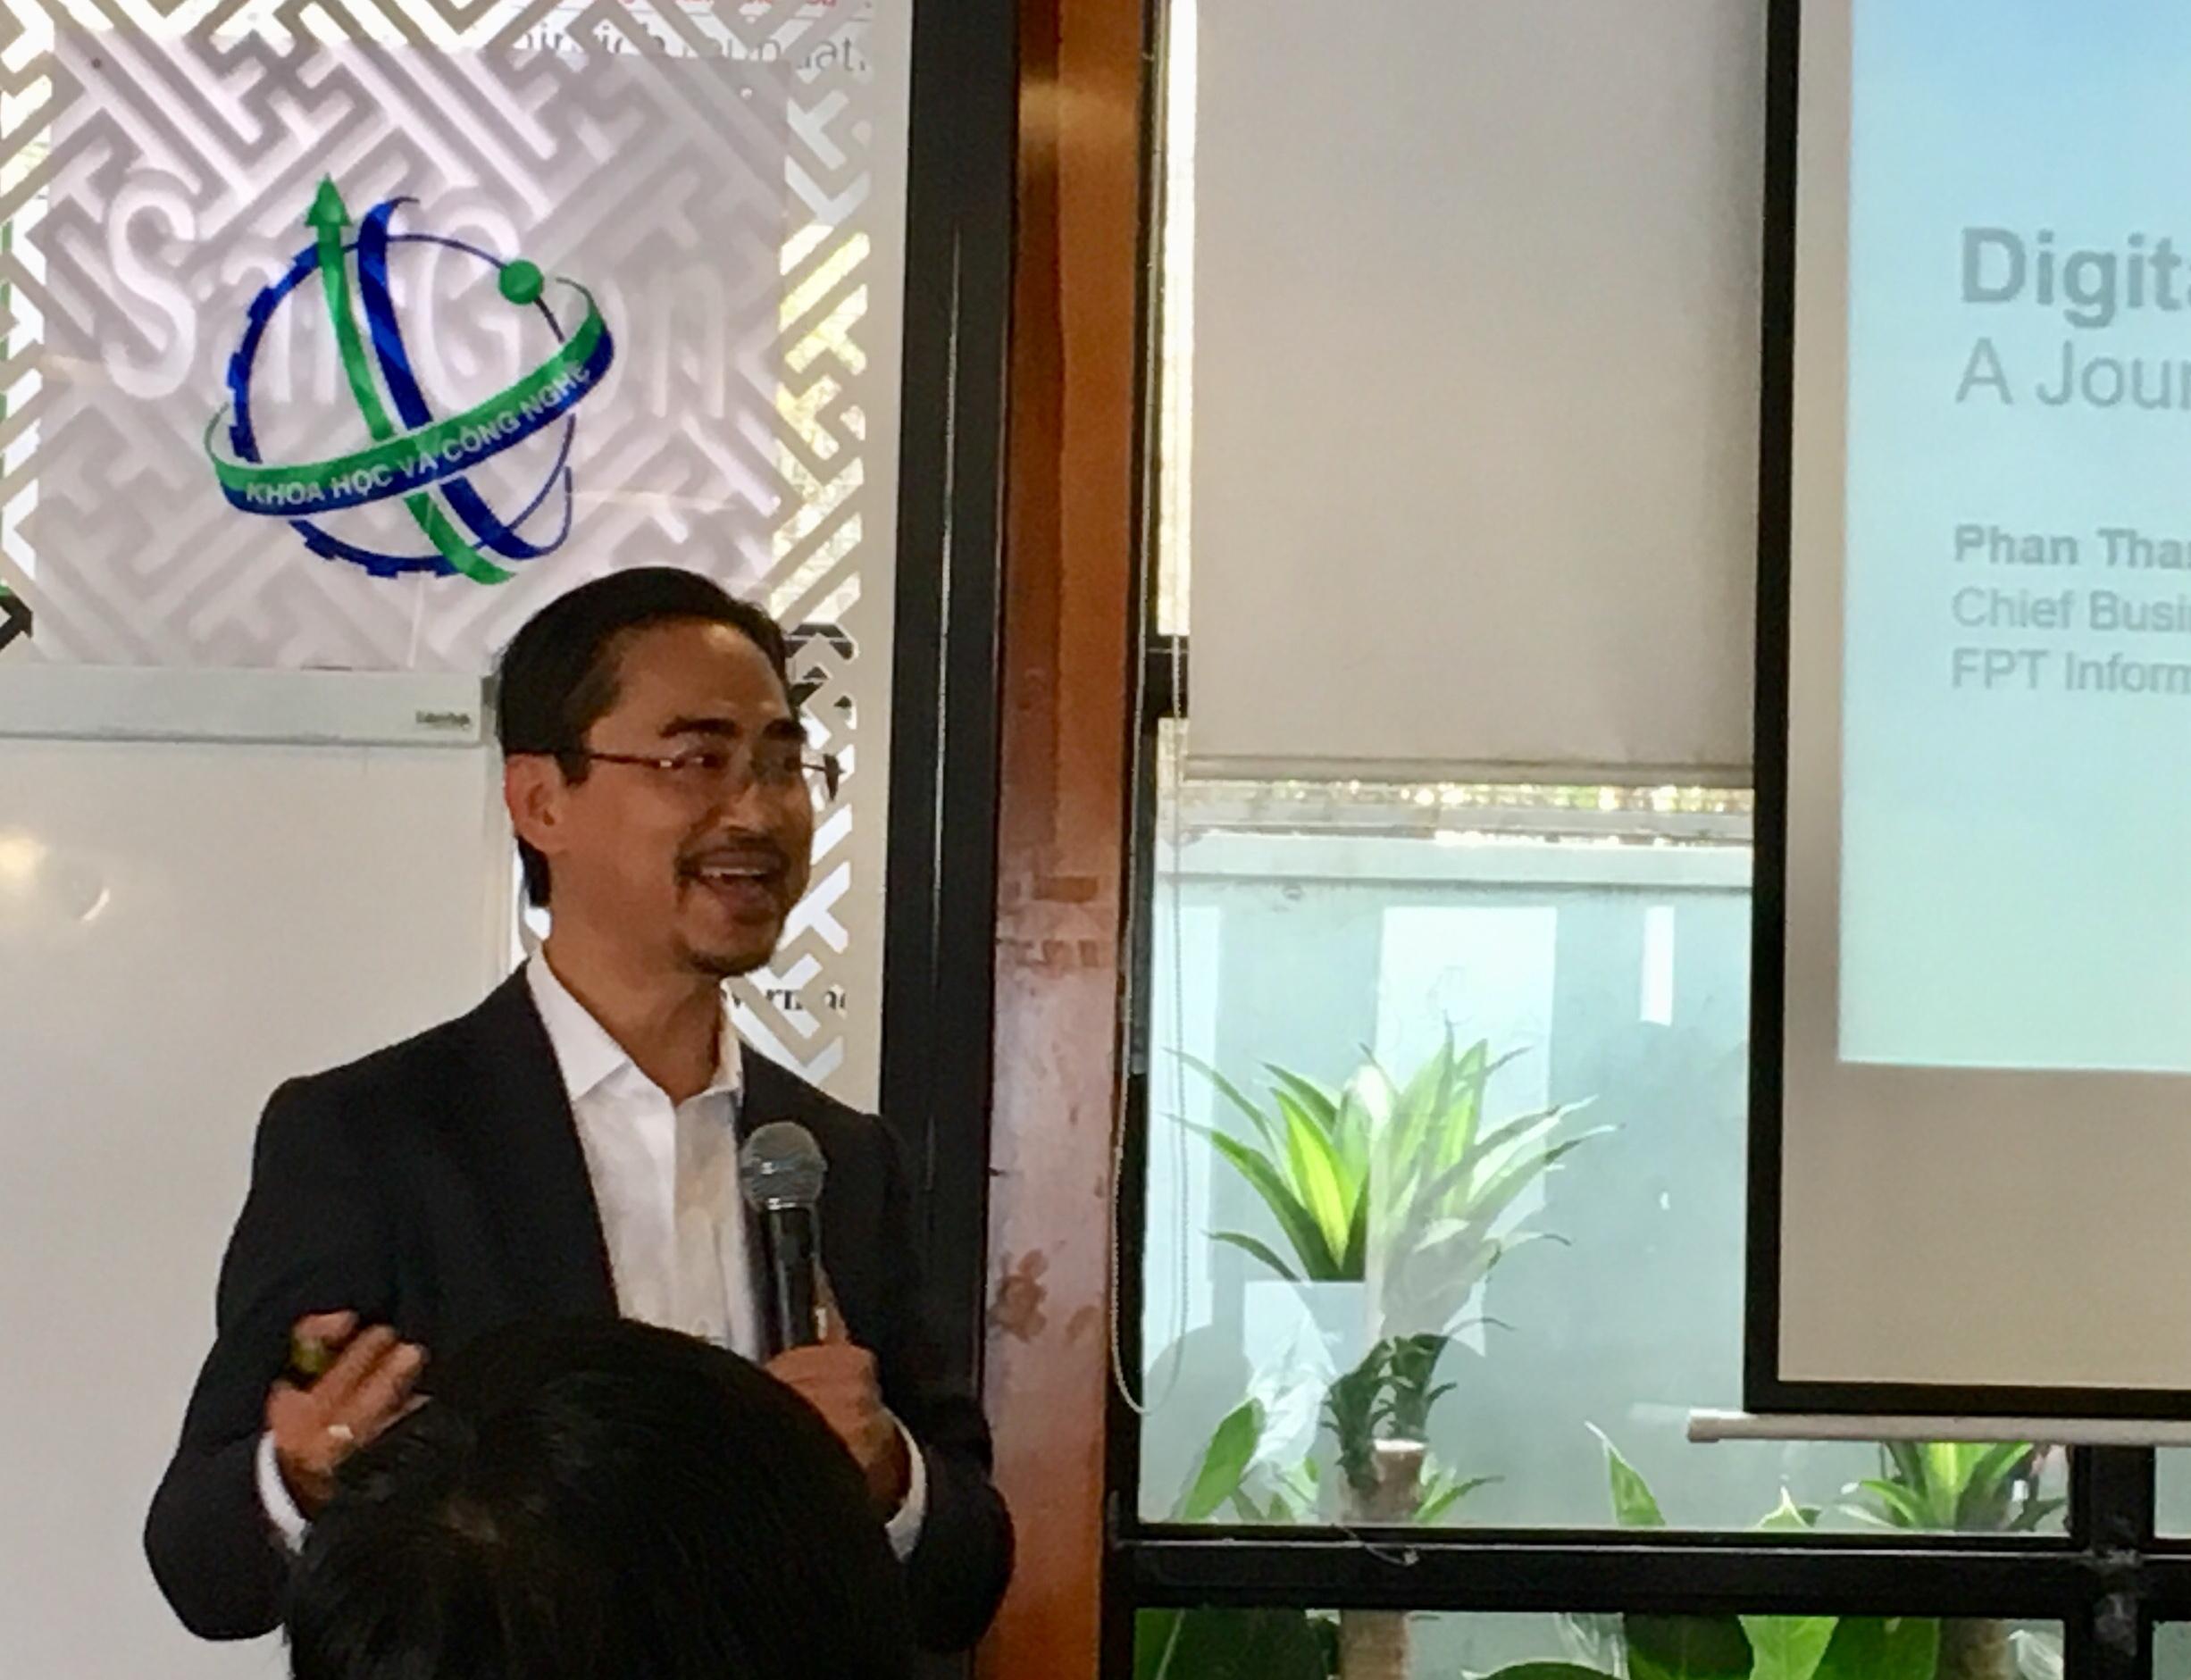 Diễn giả Phan Thanh Sơn – Gđ Phát triển kinh doanh công ty cổ phần Hệ thống thông tin FPT. Ảnh: KH&PT